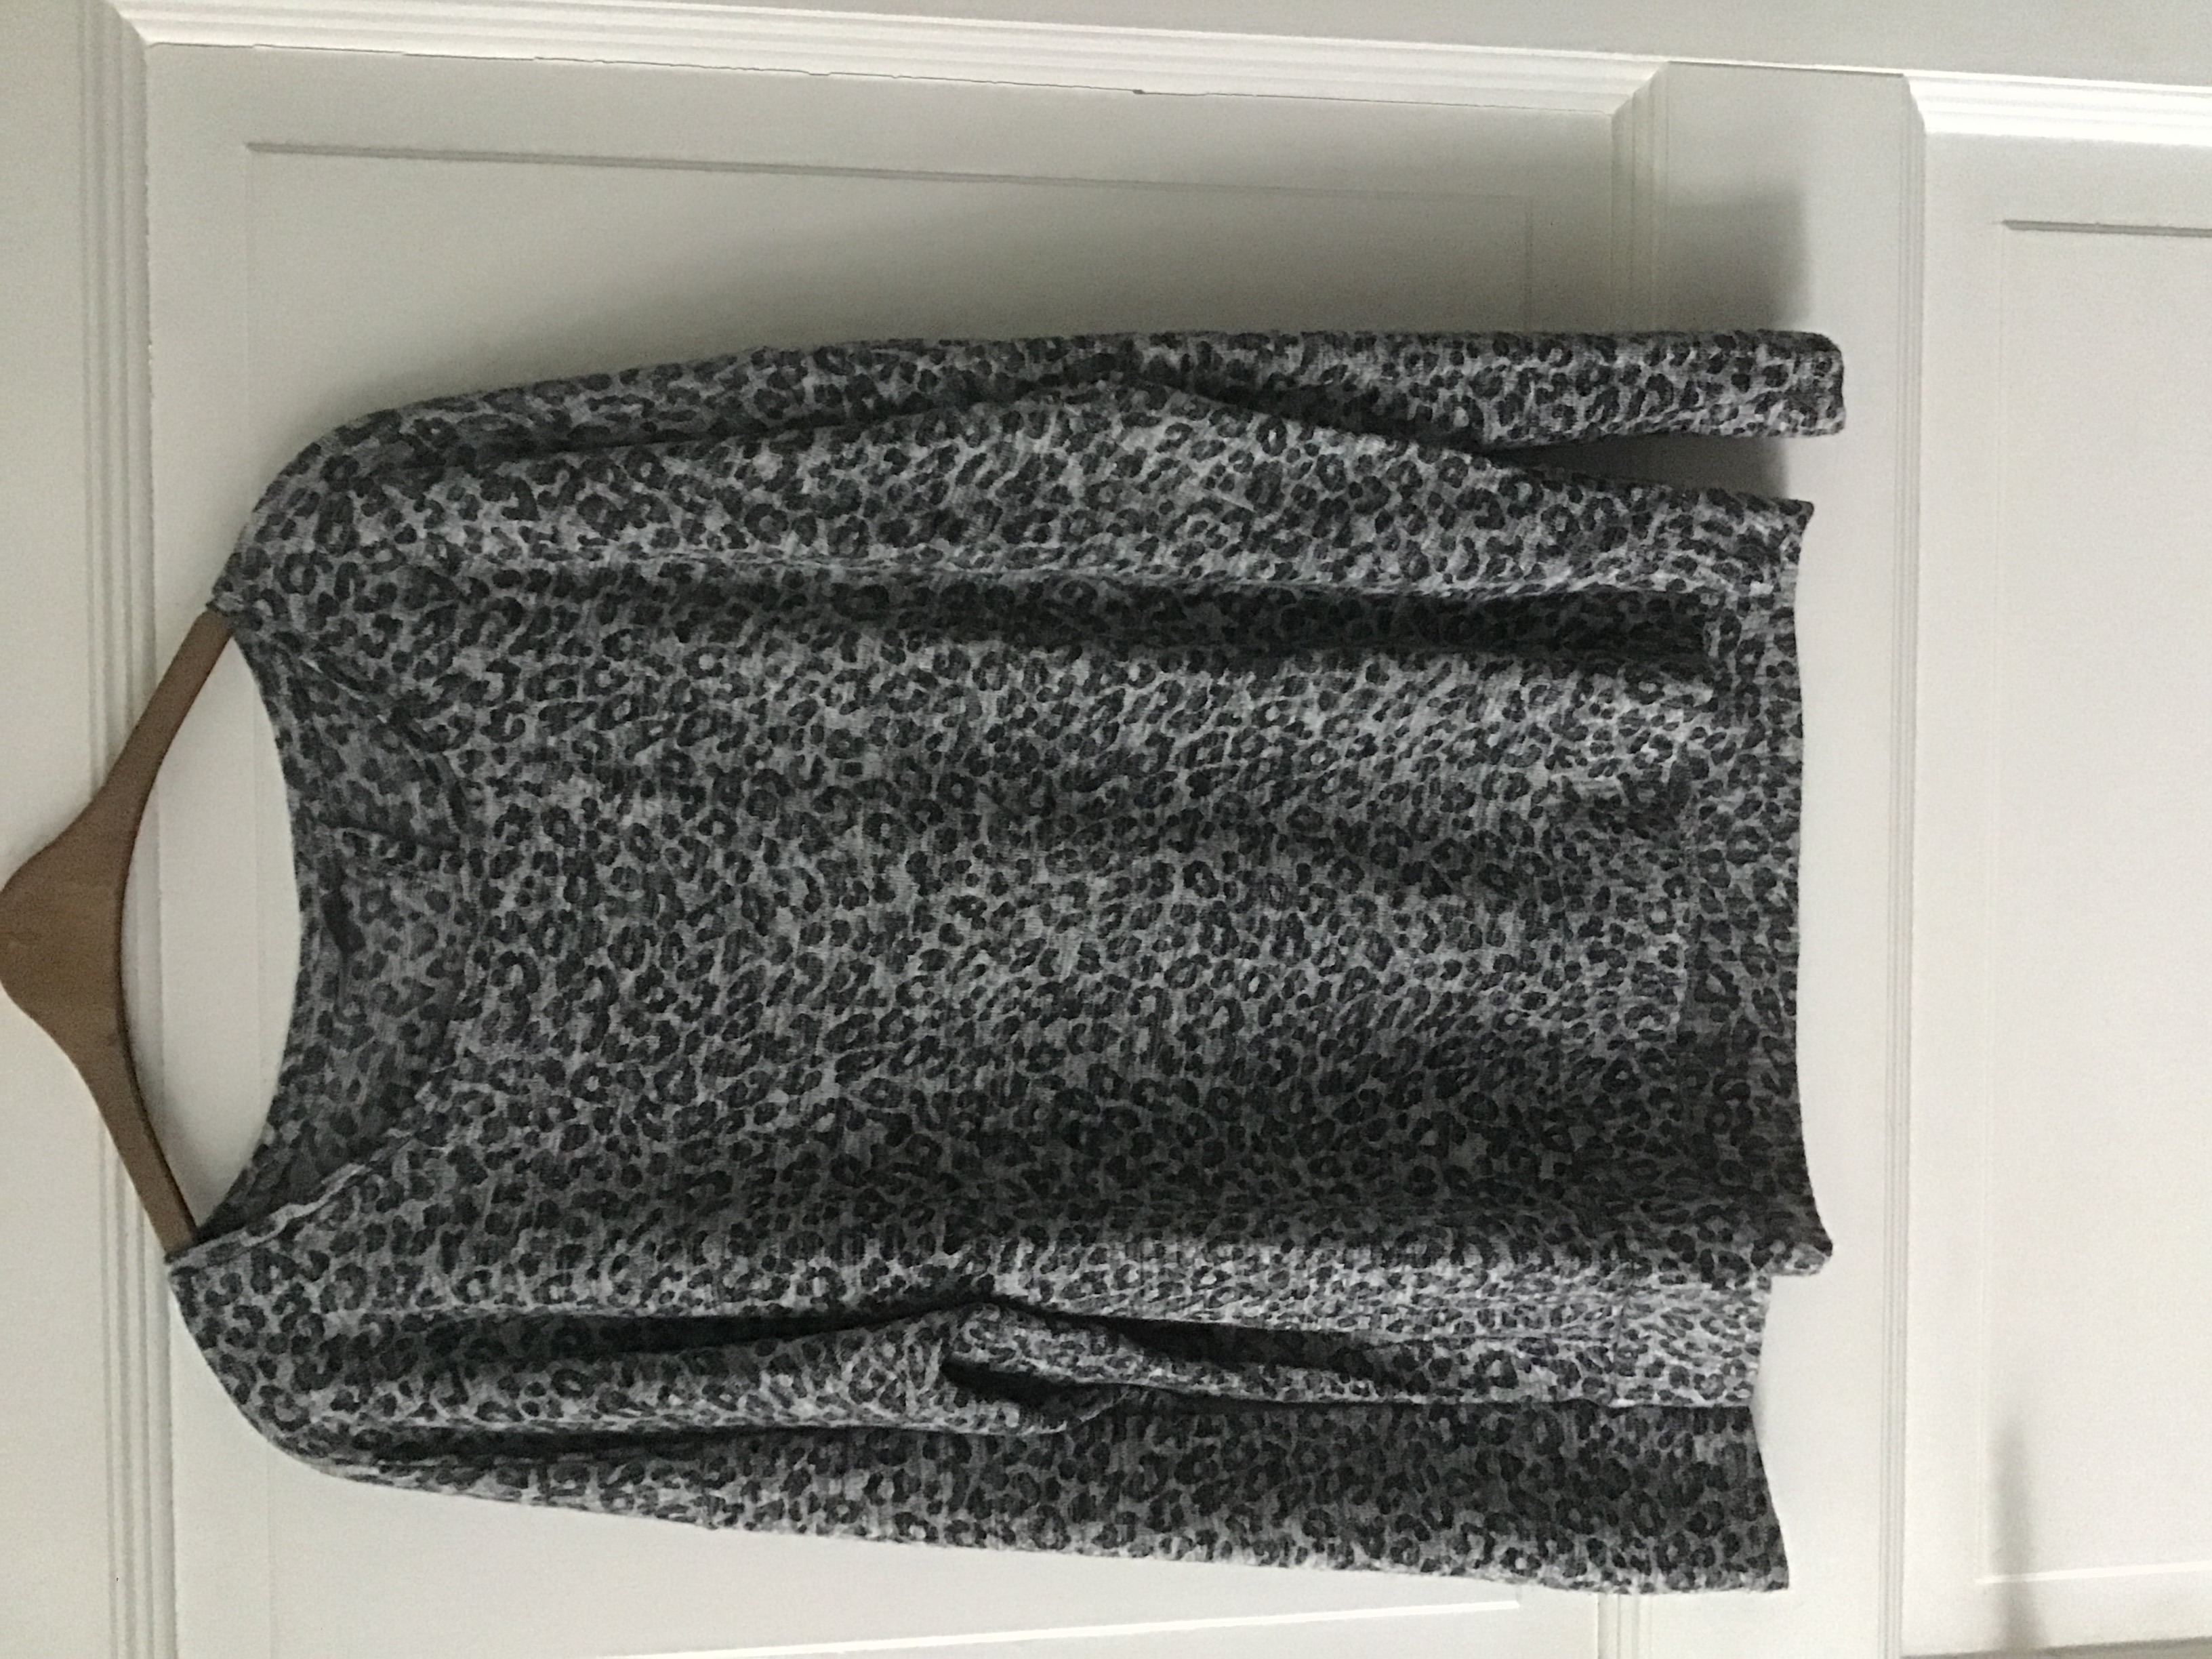 Pullover mit Tier Print 40/42 tauschen